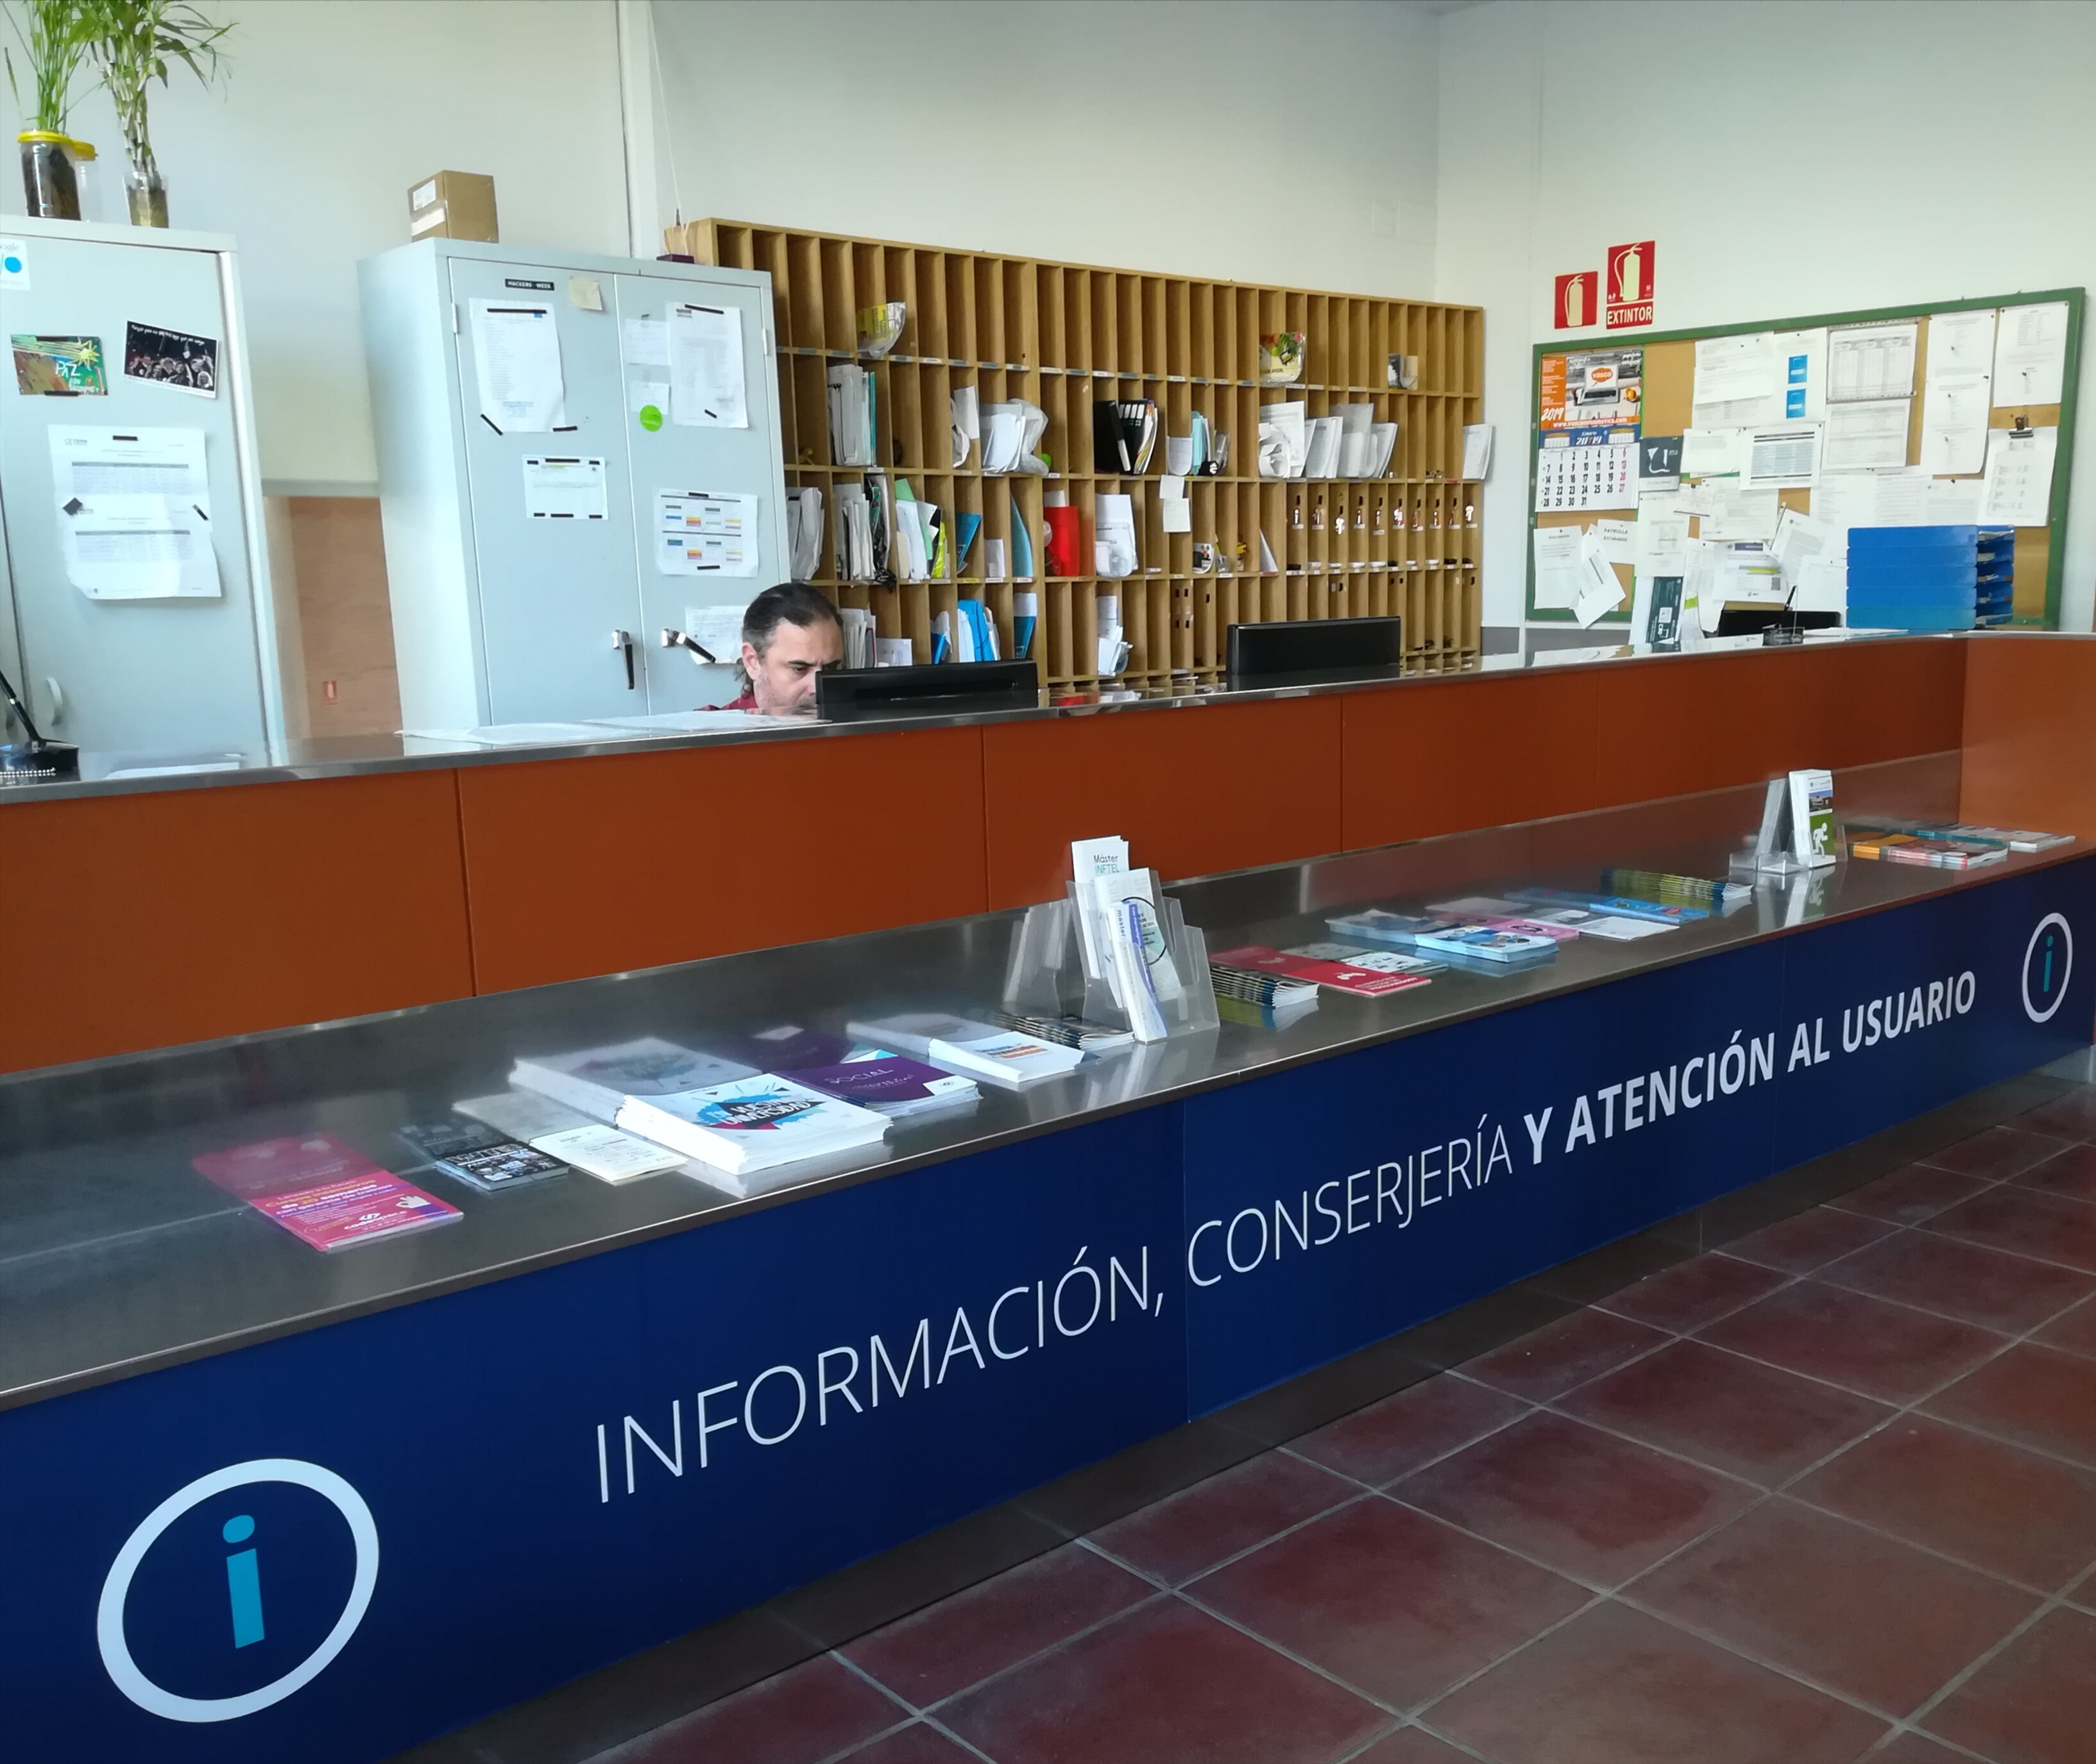 Calendario Etsit.E T S I De Telecomunicacion Servicio De Informacion Conserjeria